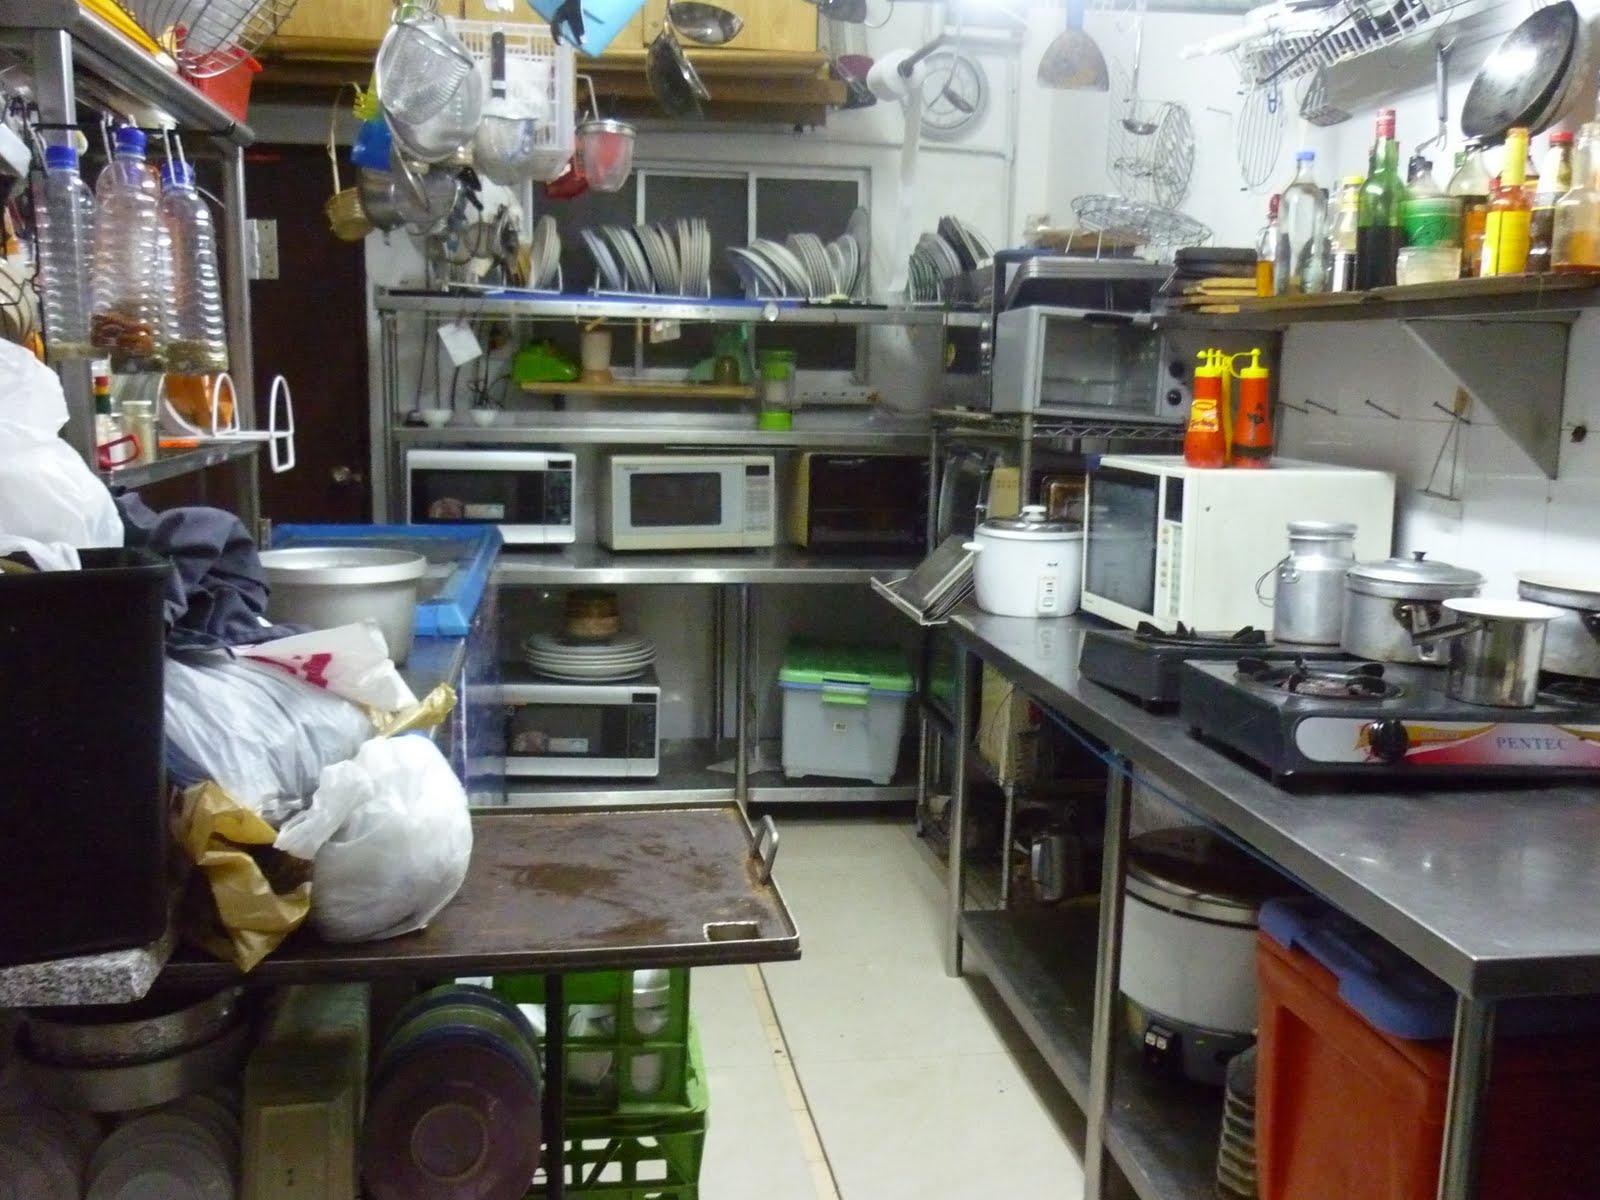 Enchanting 10 restaurant kitchen setup inspiration of for Ideal kitchen setup